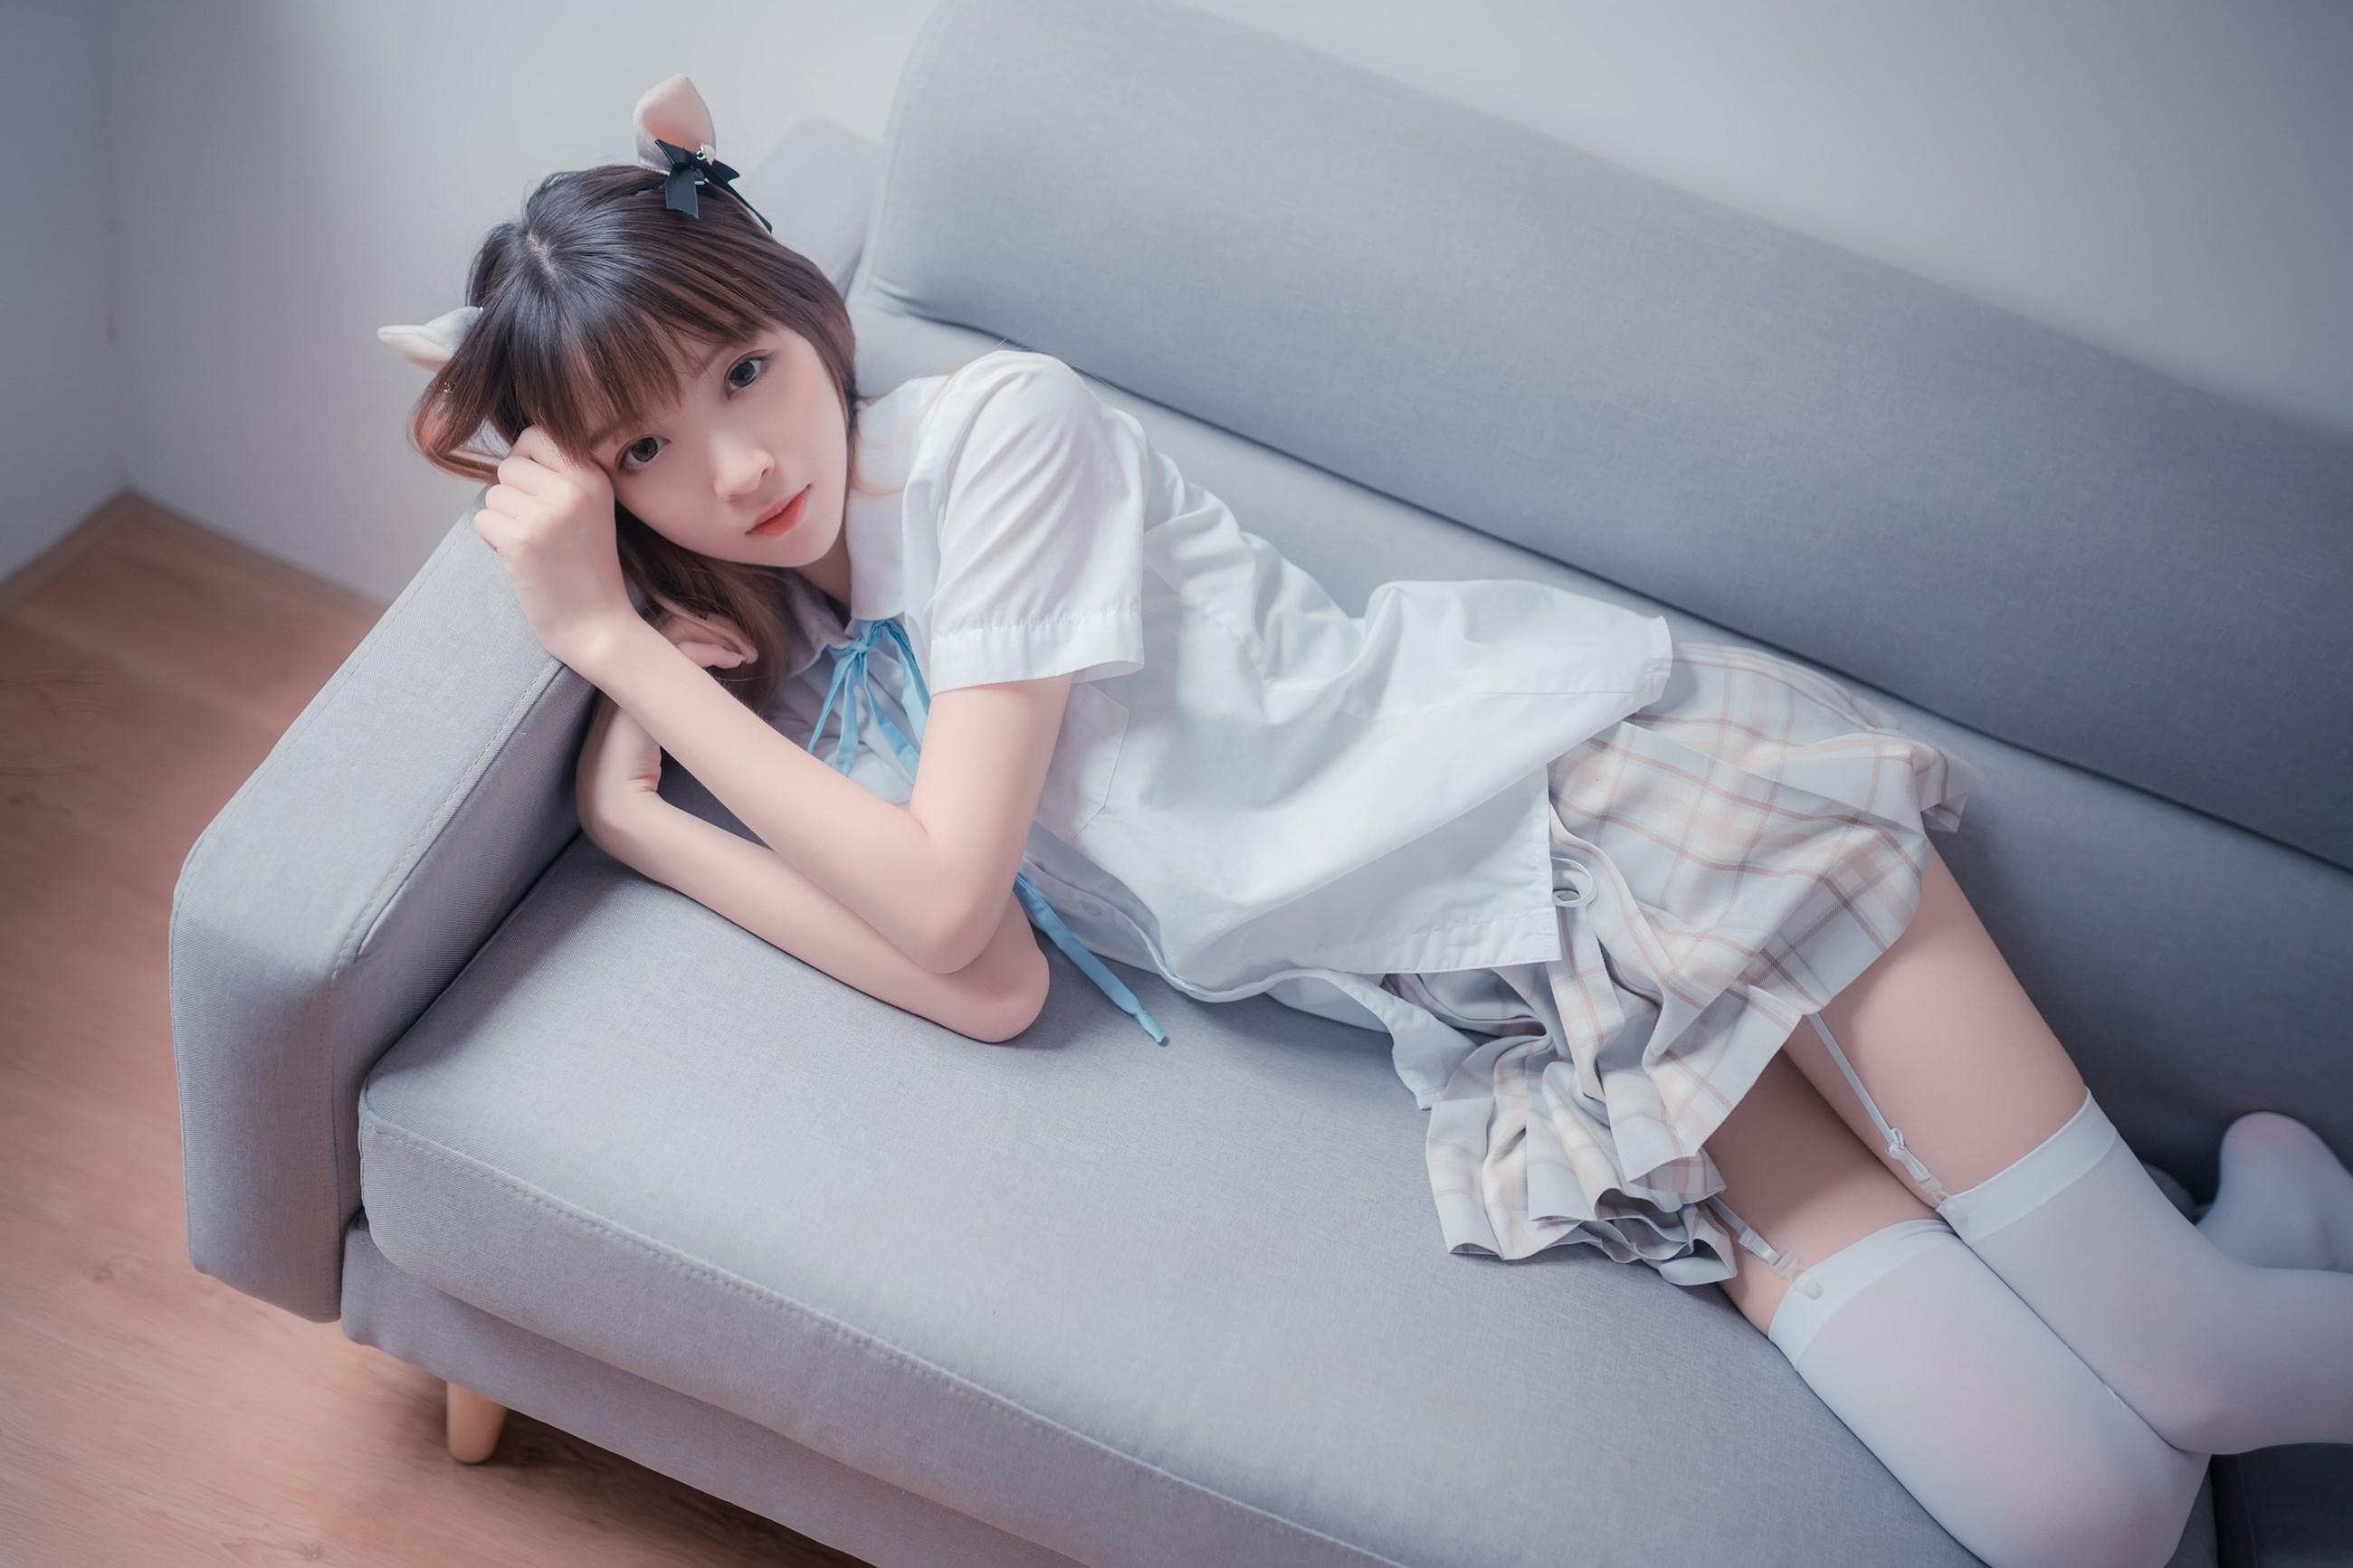 【兔玩映画】沙发上的JK少女 兔玩映画 第26张